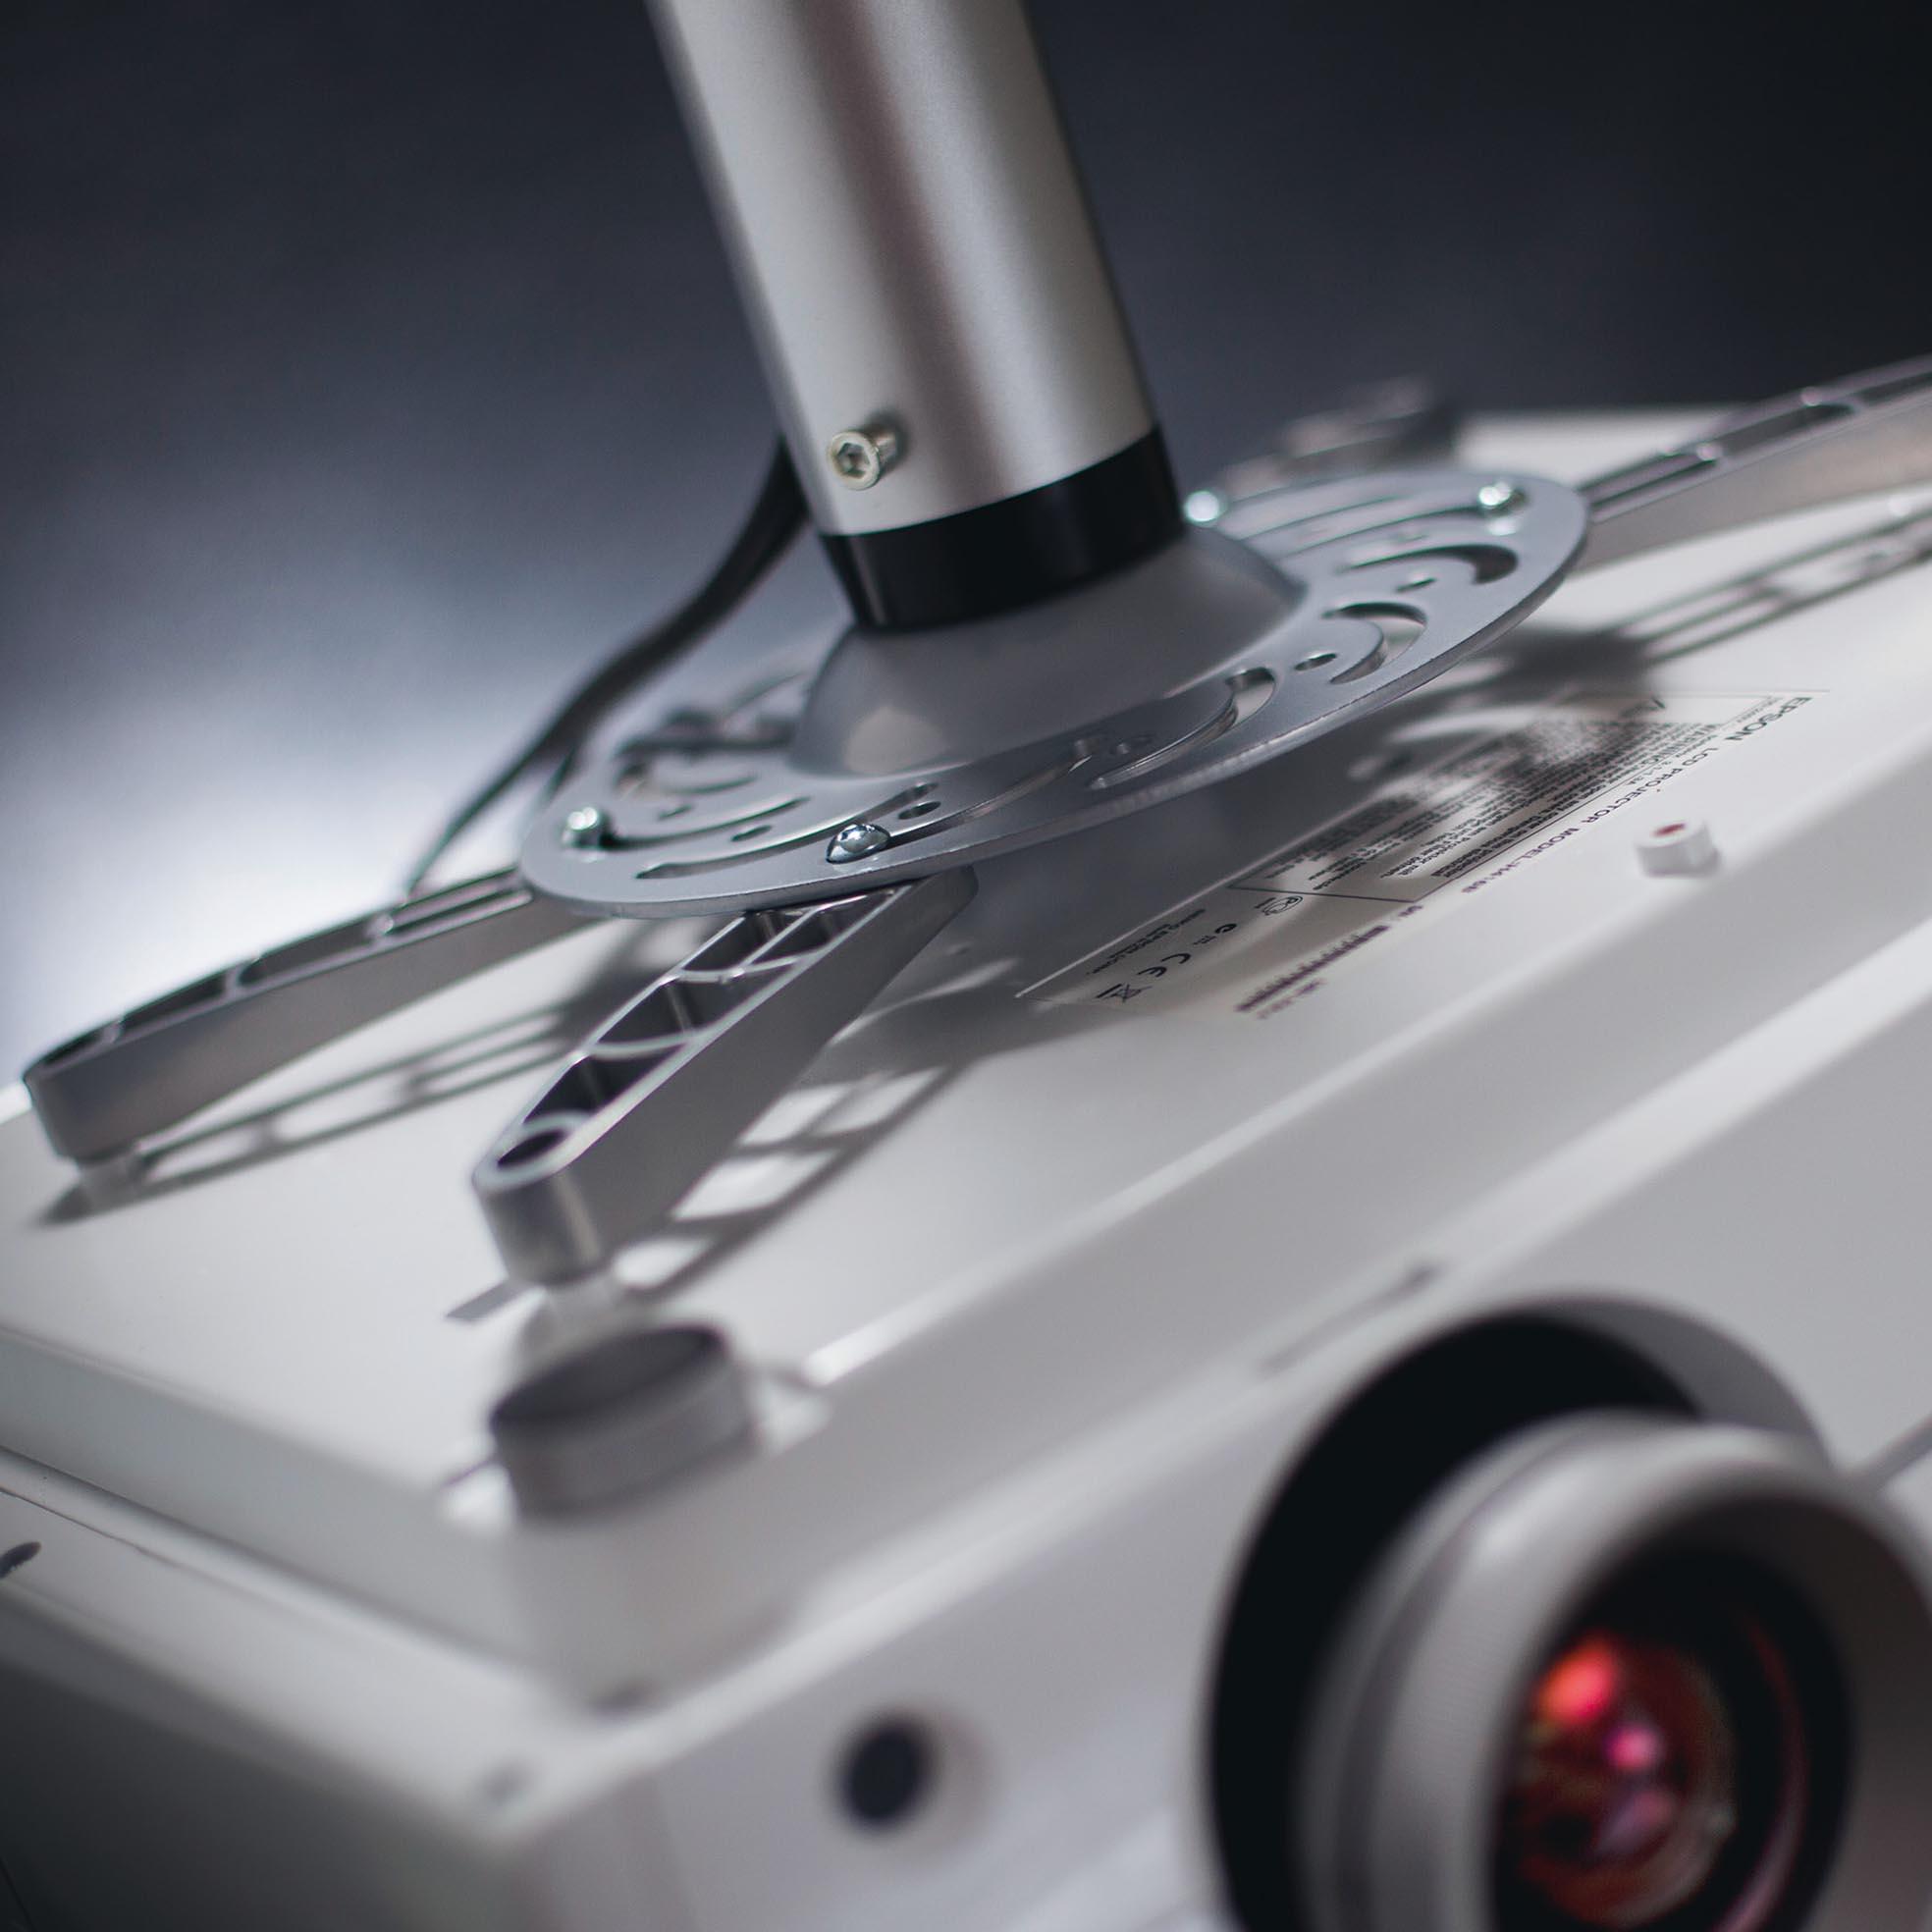 Projektorfäste för takmontering (30-107 cm förlängning), detaljbild med projektor, från Kingpin Screens